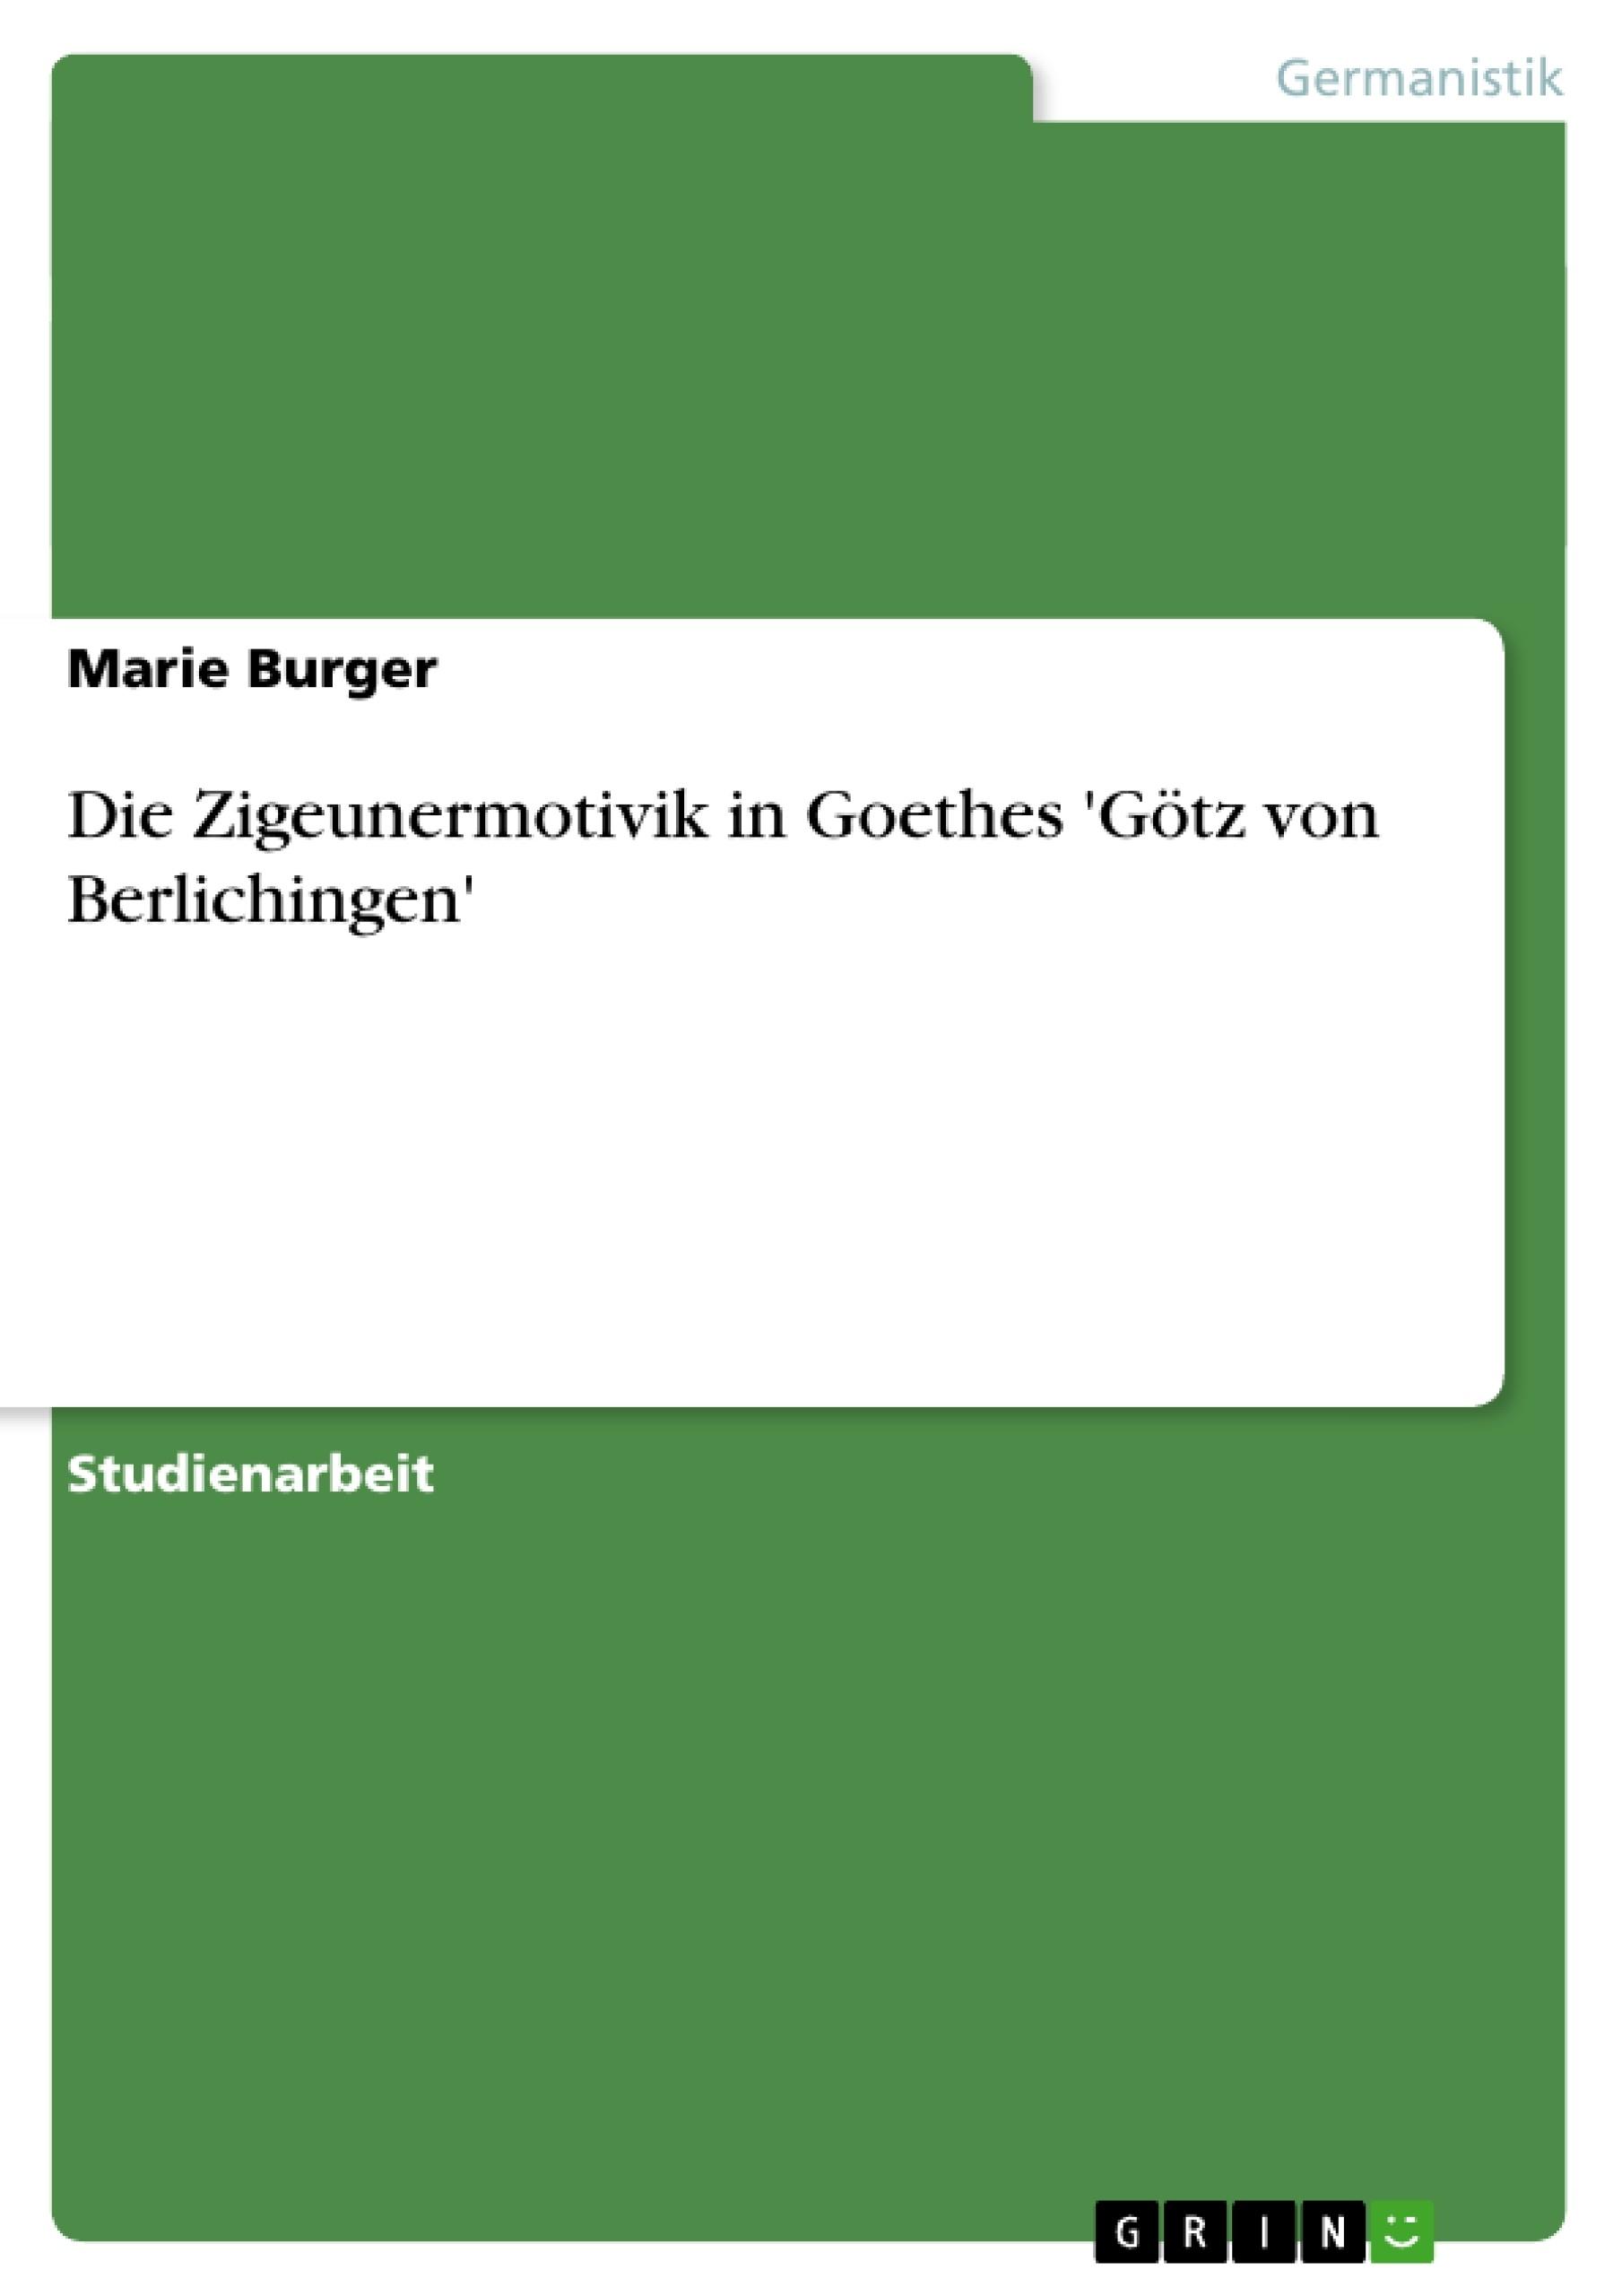 Titel: Die Zigeunermotivik in Goethes 'Götz von Berlichingen'